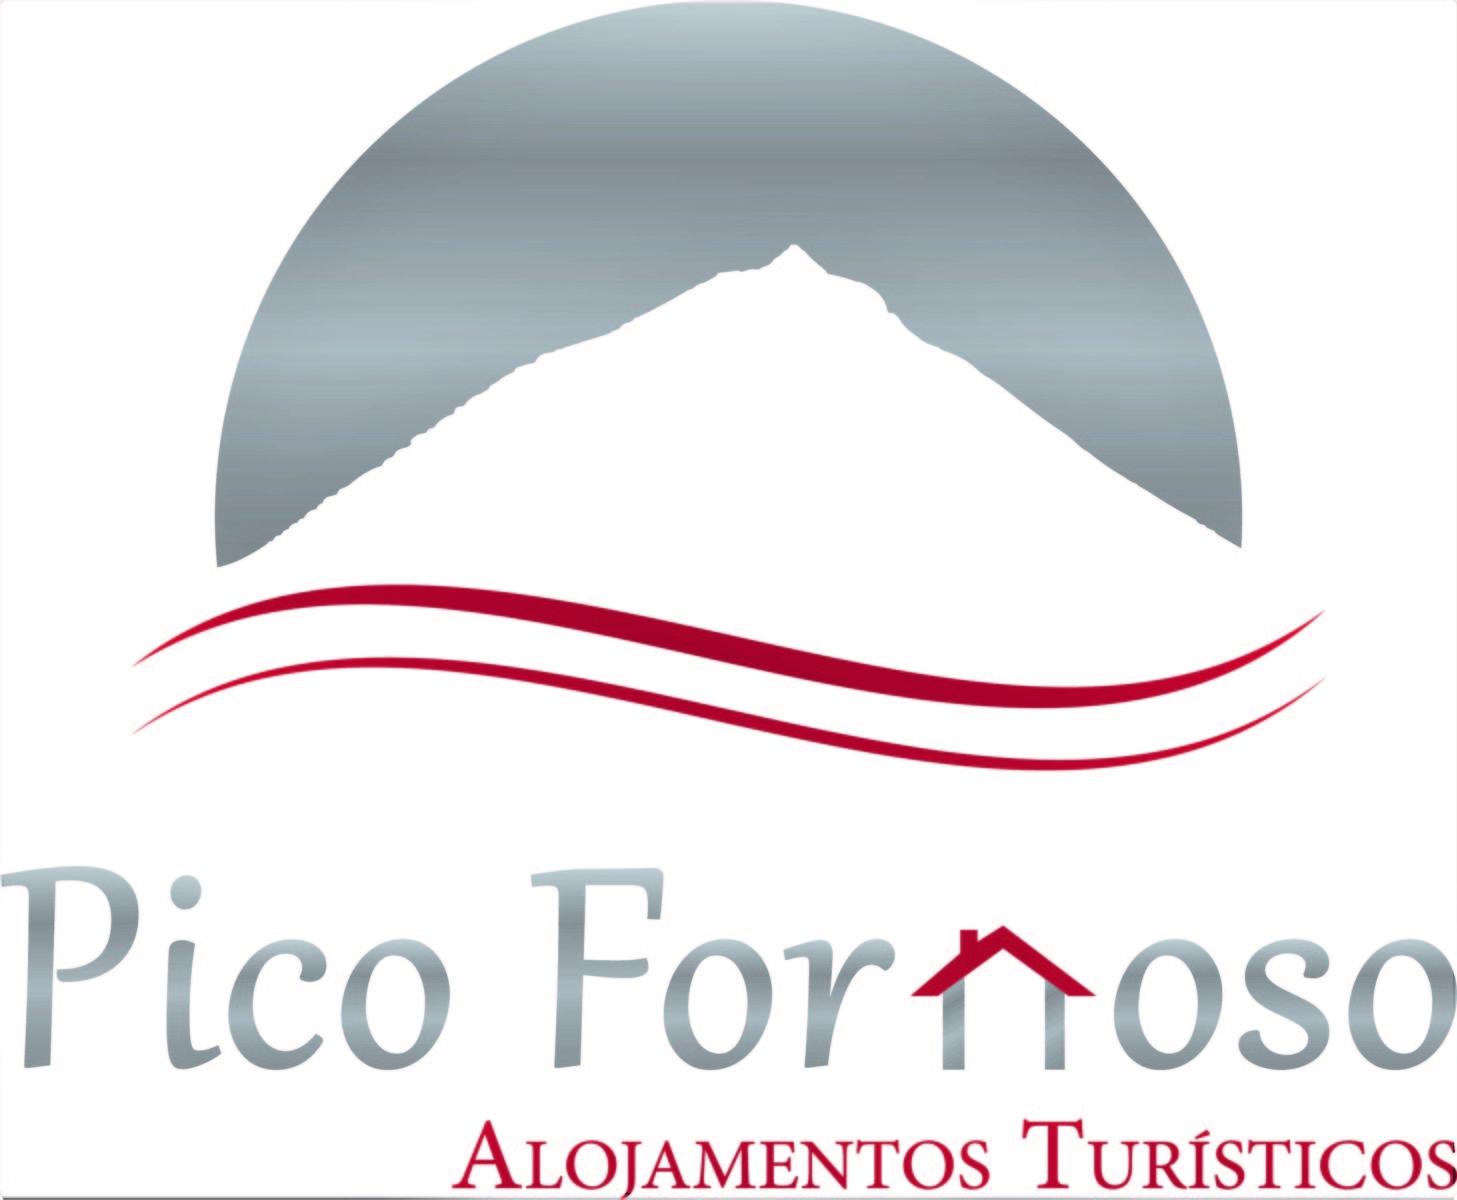 Pico Formoso – Alojamentos Turisticos, Lda